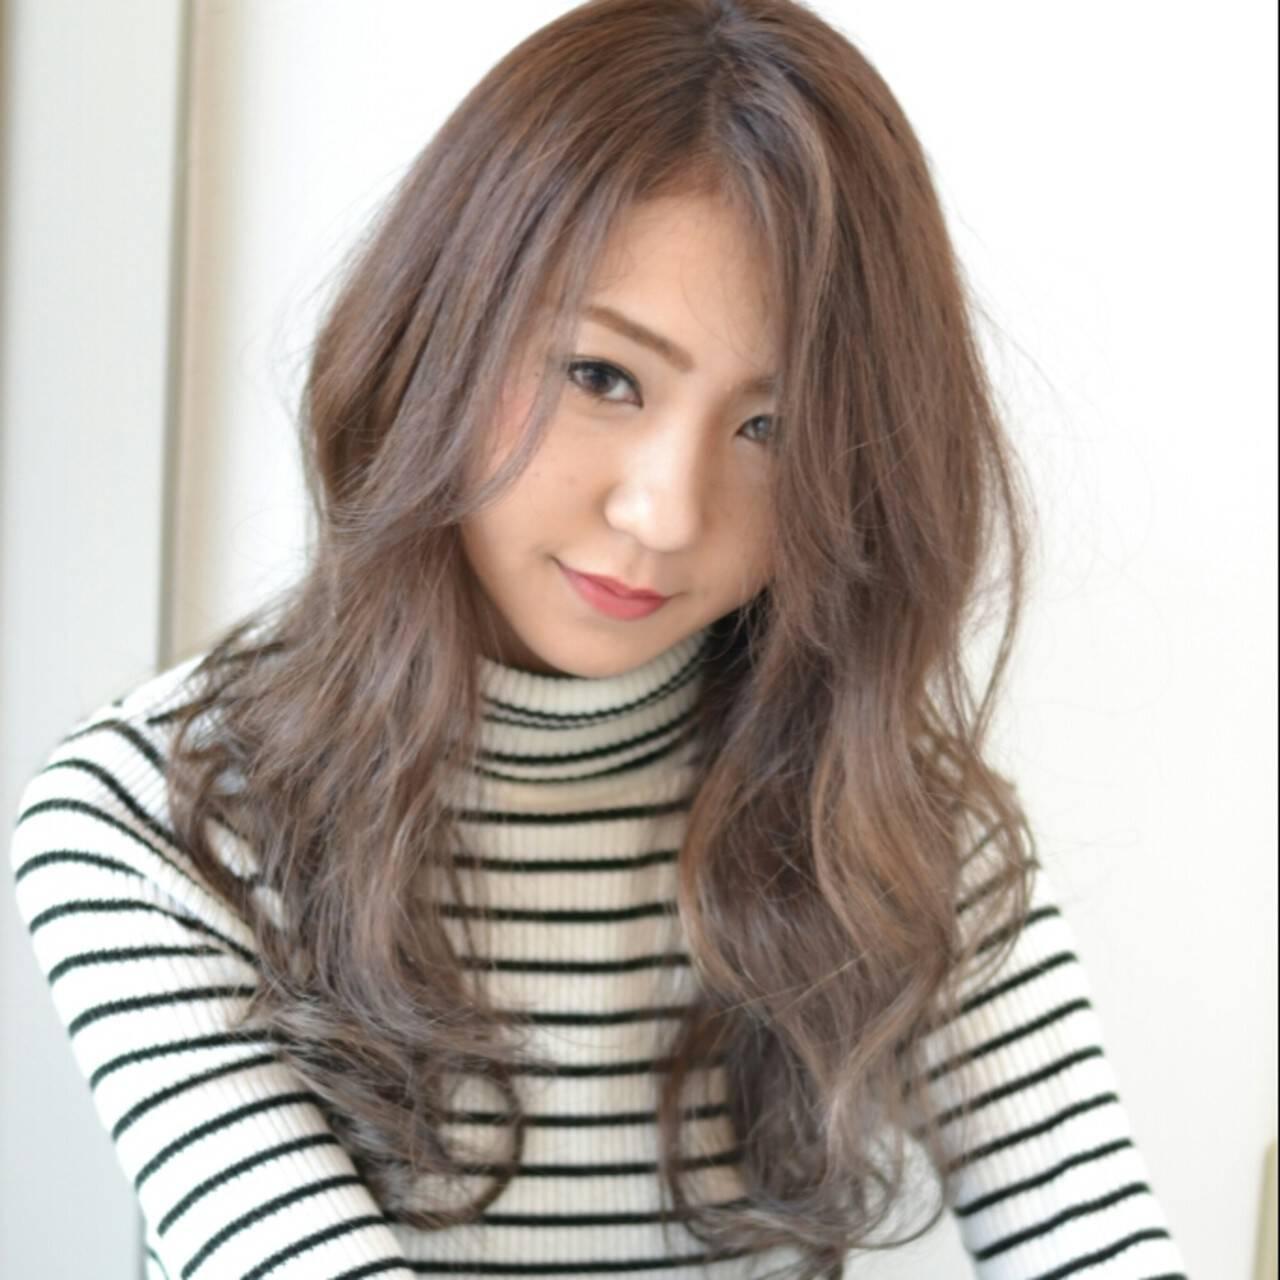 前髪あり 外国人風 ハイライト ロングヘアスタイルや髪型の写真・画像